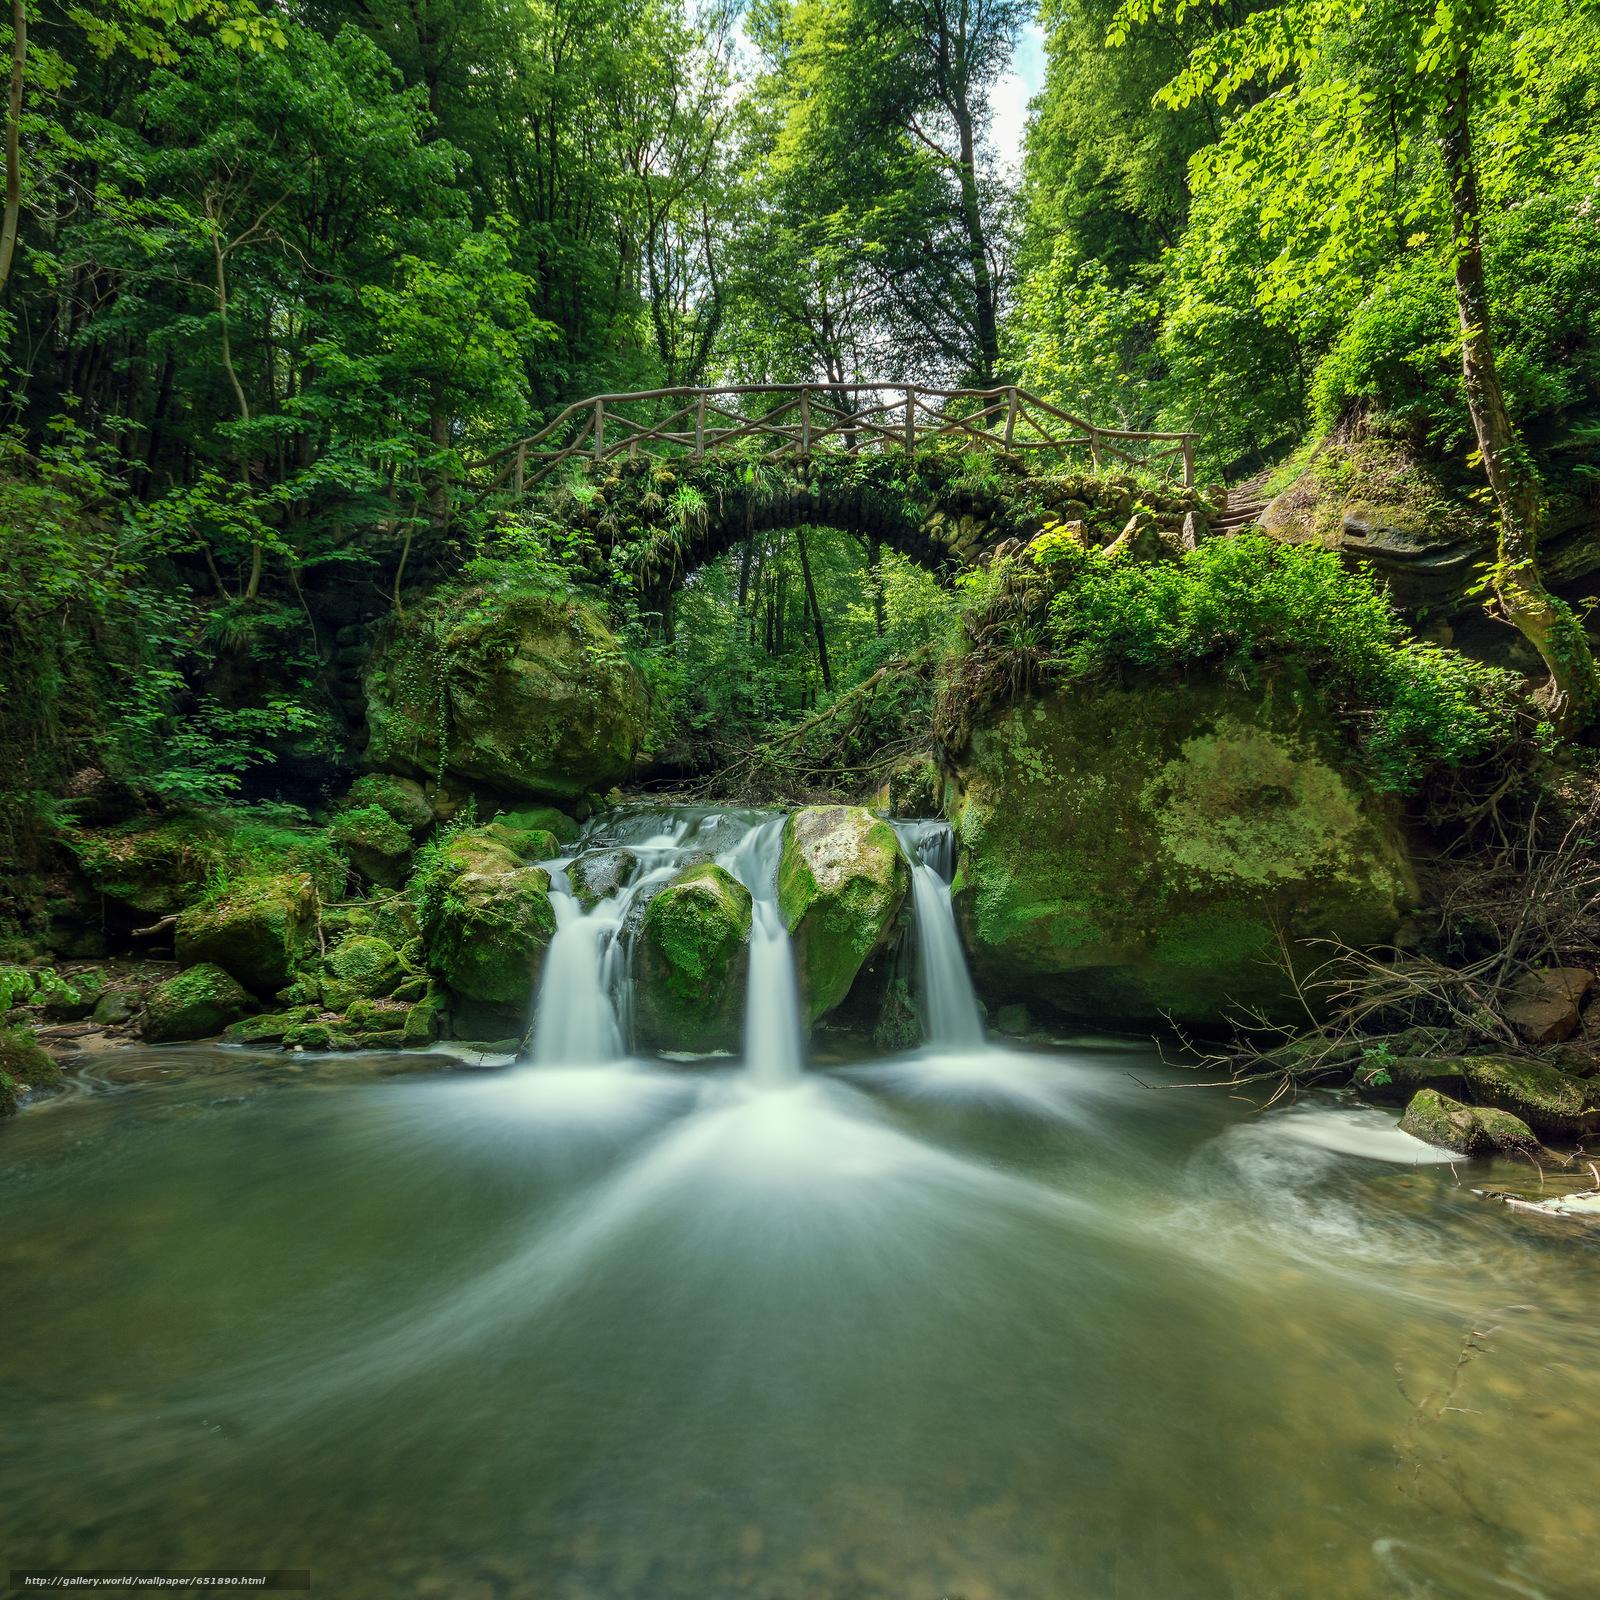 Download Hintergrund Fluss,  Wald,  Bäume,  Wasserfall Freie desktop Tapeten in der Auflosung 2048x2048 — bild №651890